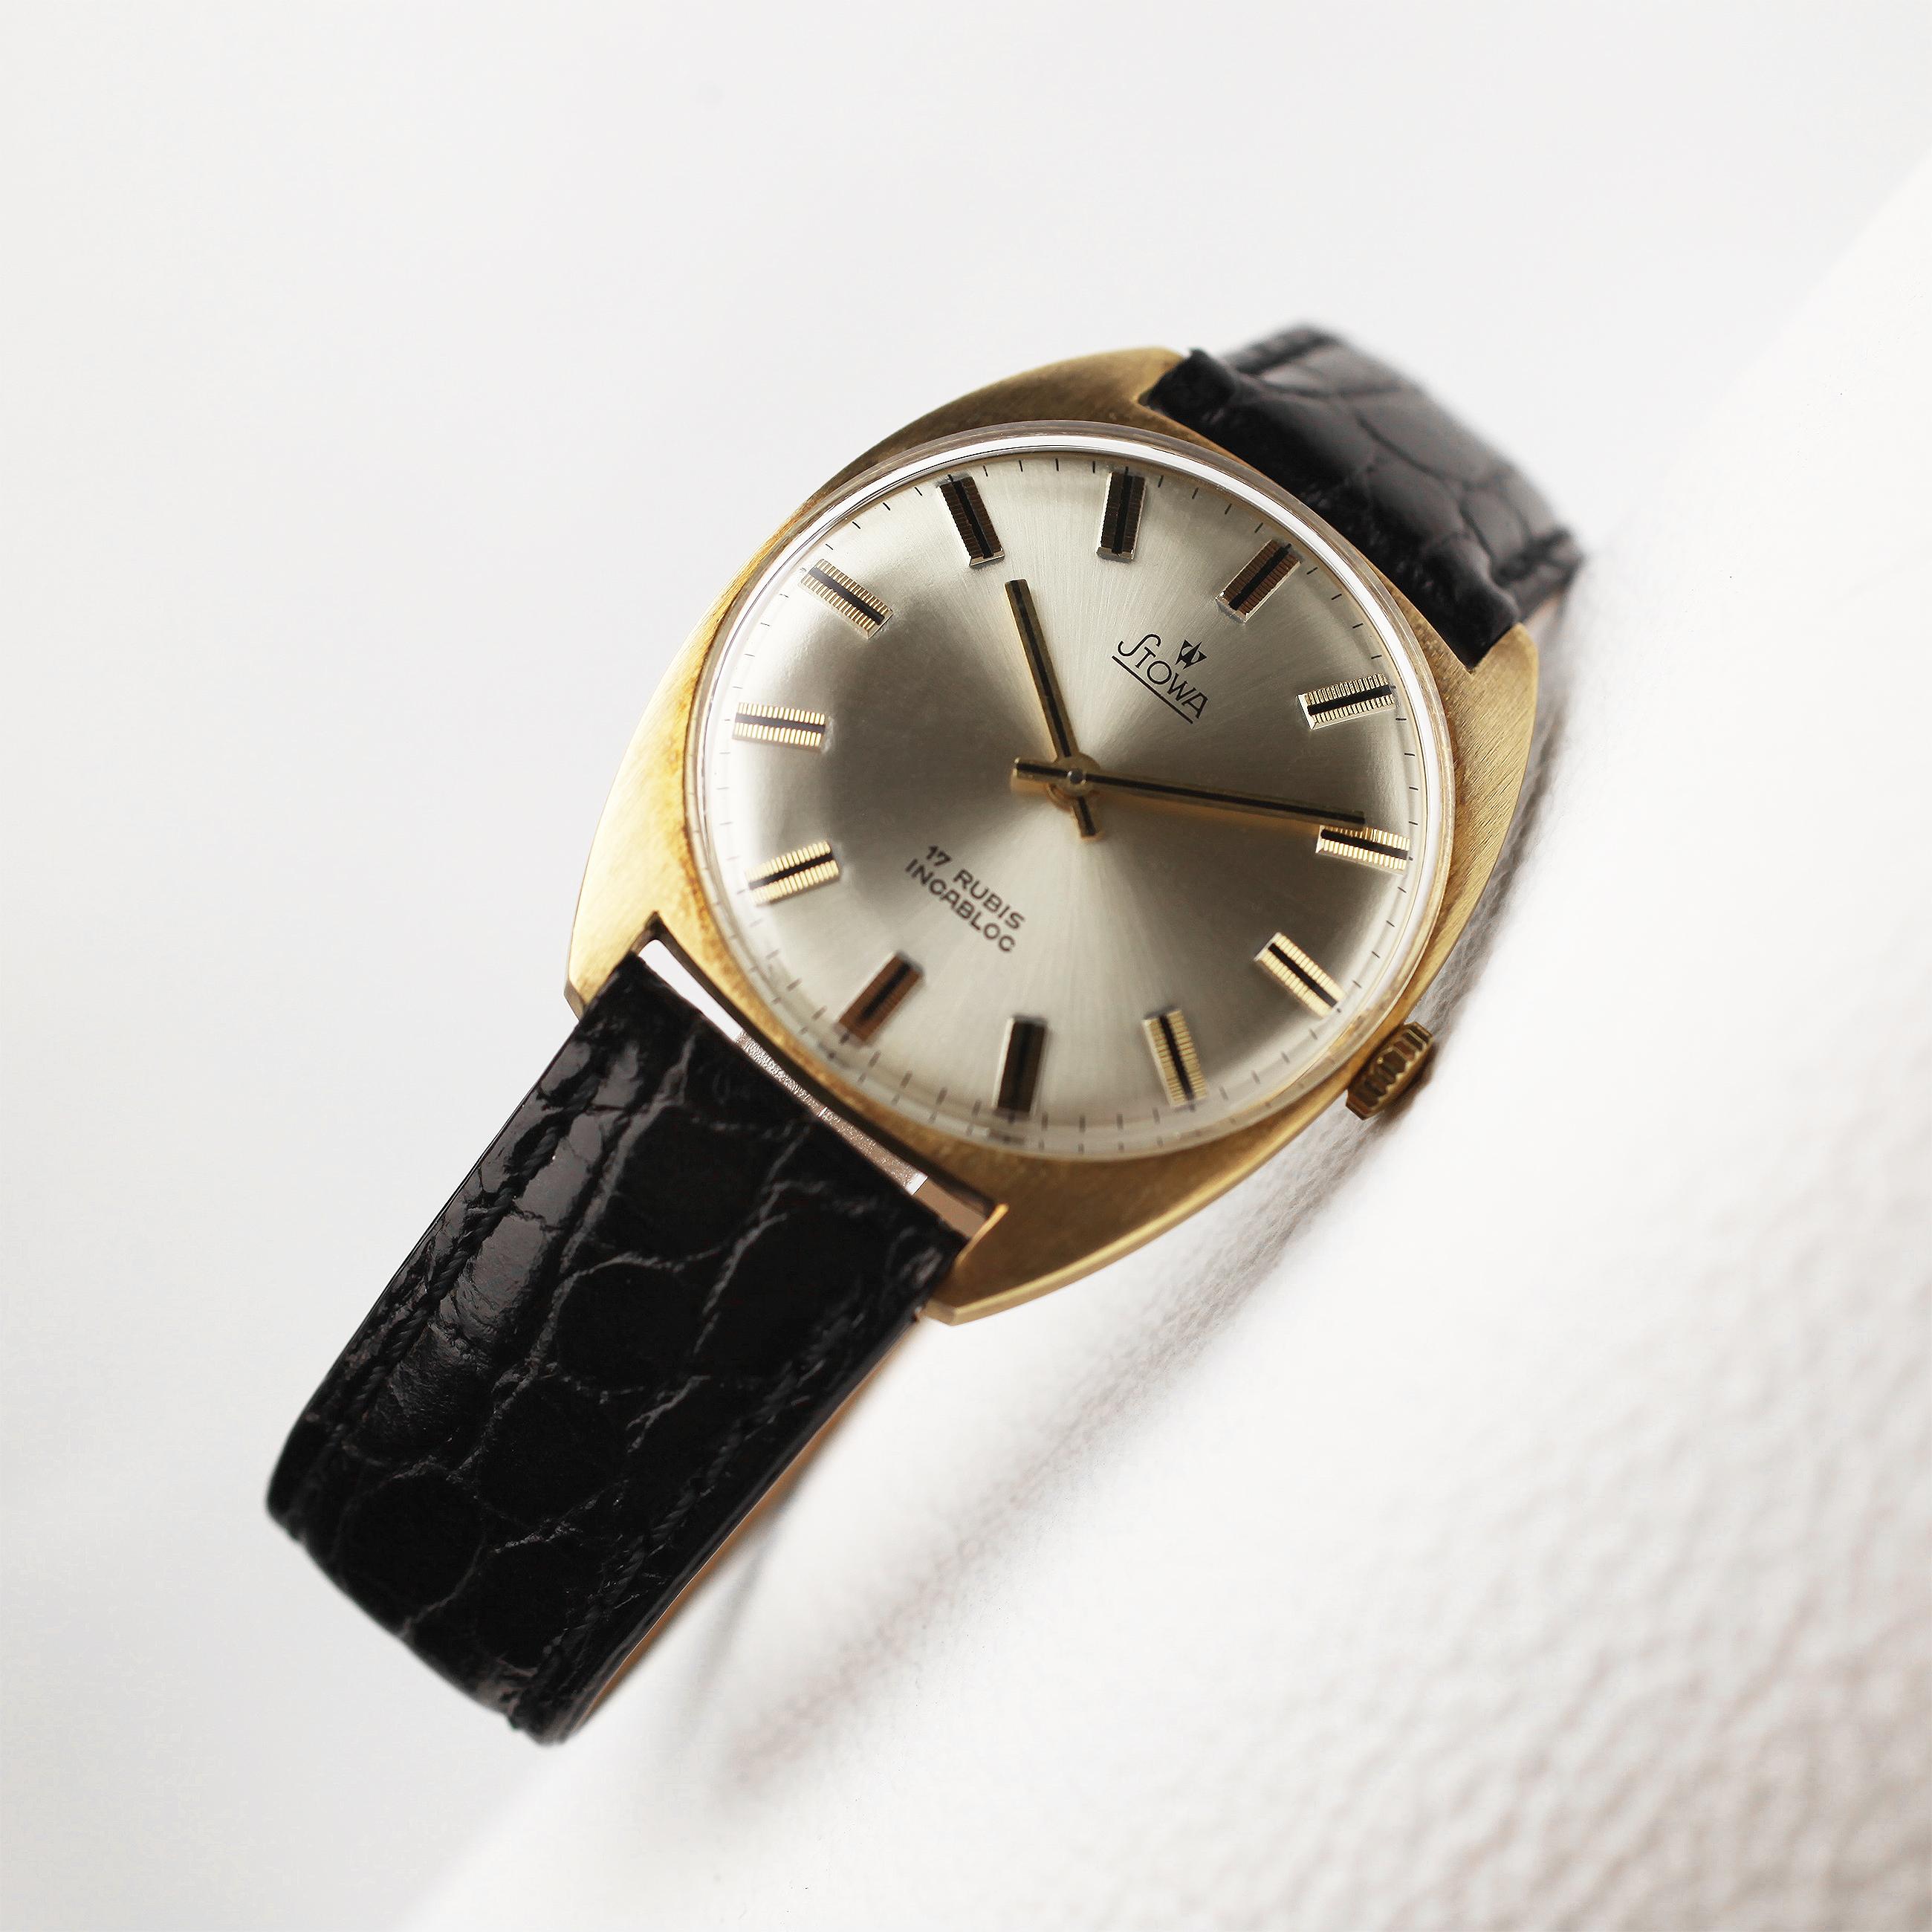 Das Uhrenmuseum von STOWA   Flieger & Marineuhren seit 1927